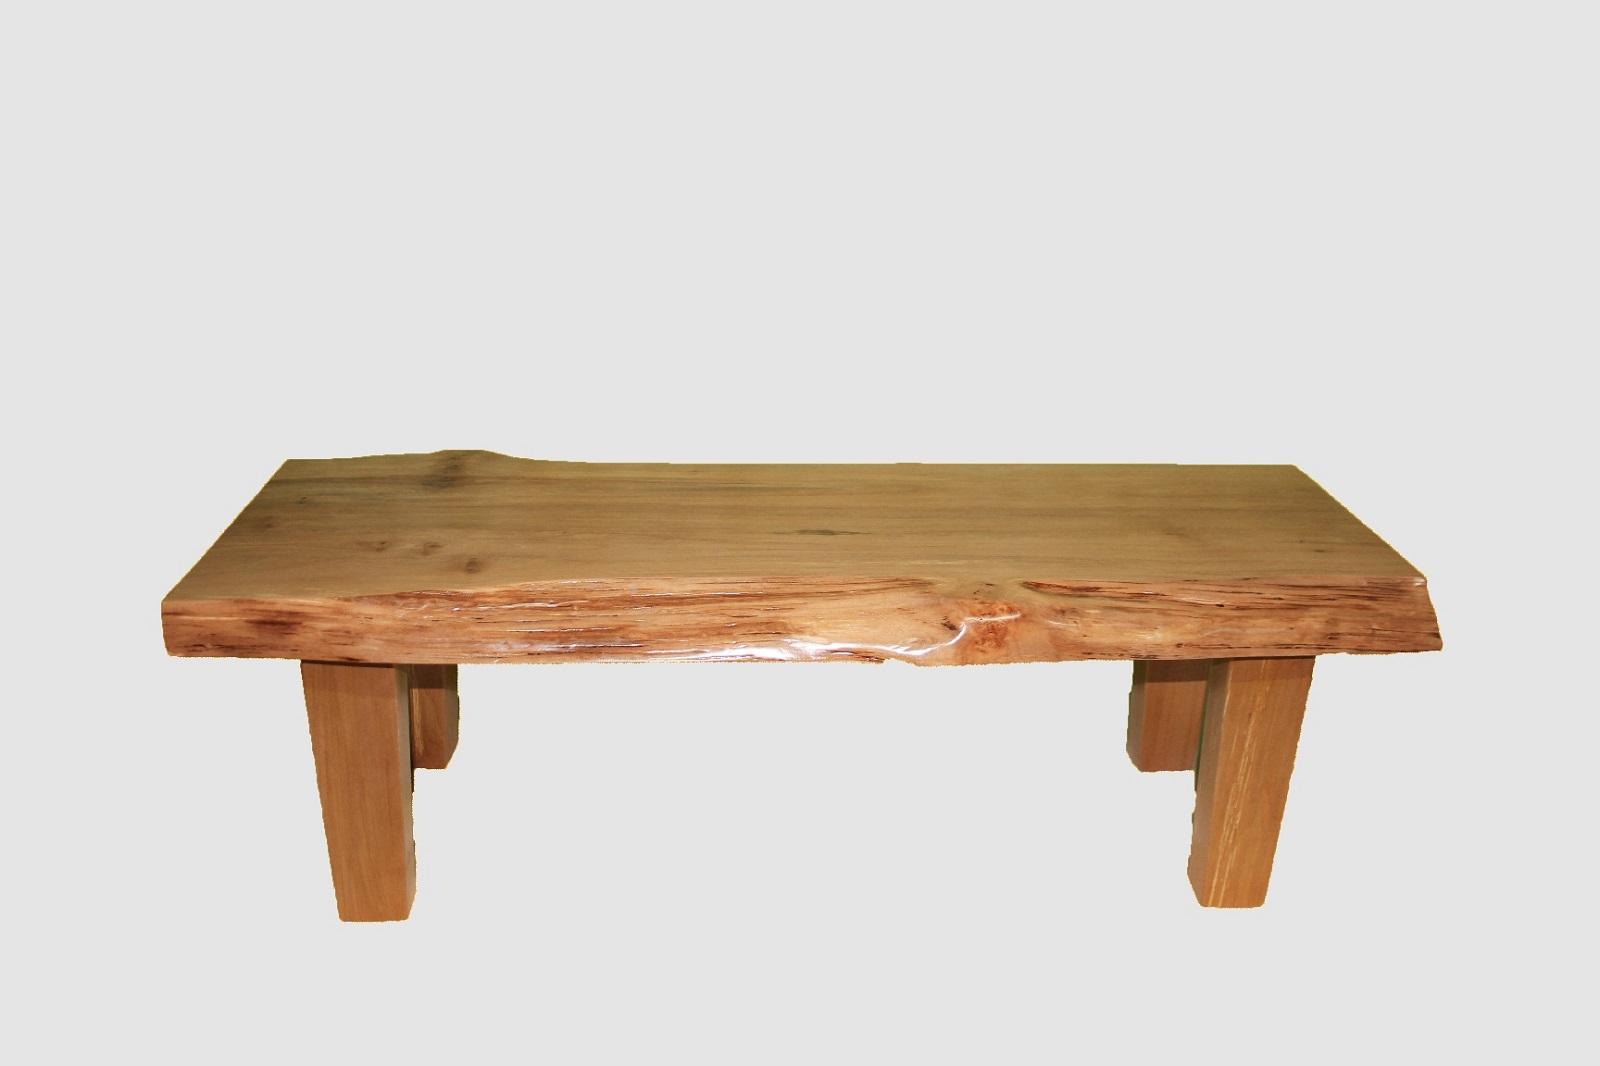 【60】座卓(テーブル)ハン・一枚天板【厚さ約4.5cm】